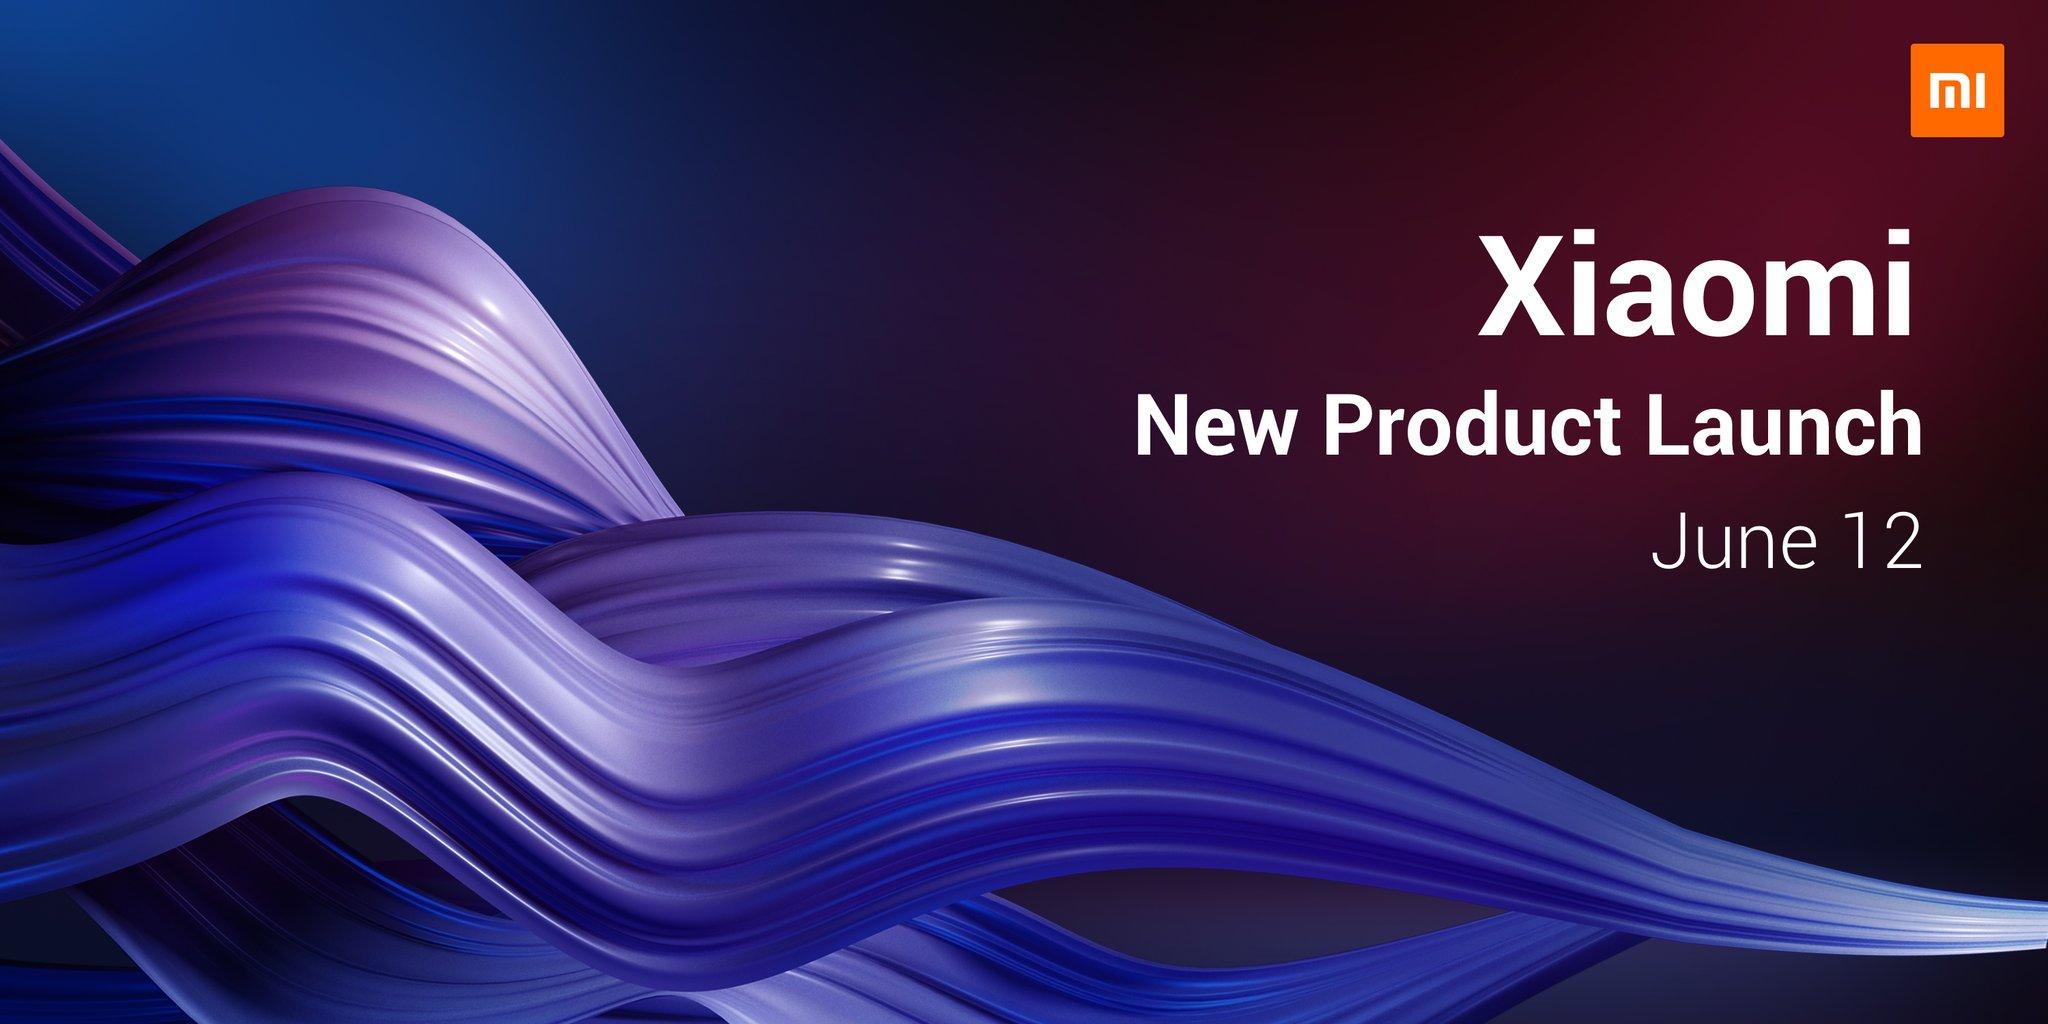 Xiaomi Mi 9T data premiery kiedy Mi Band 4 specyfikacja techniczna cena plotki przecieki wycieki opinie